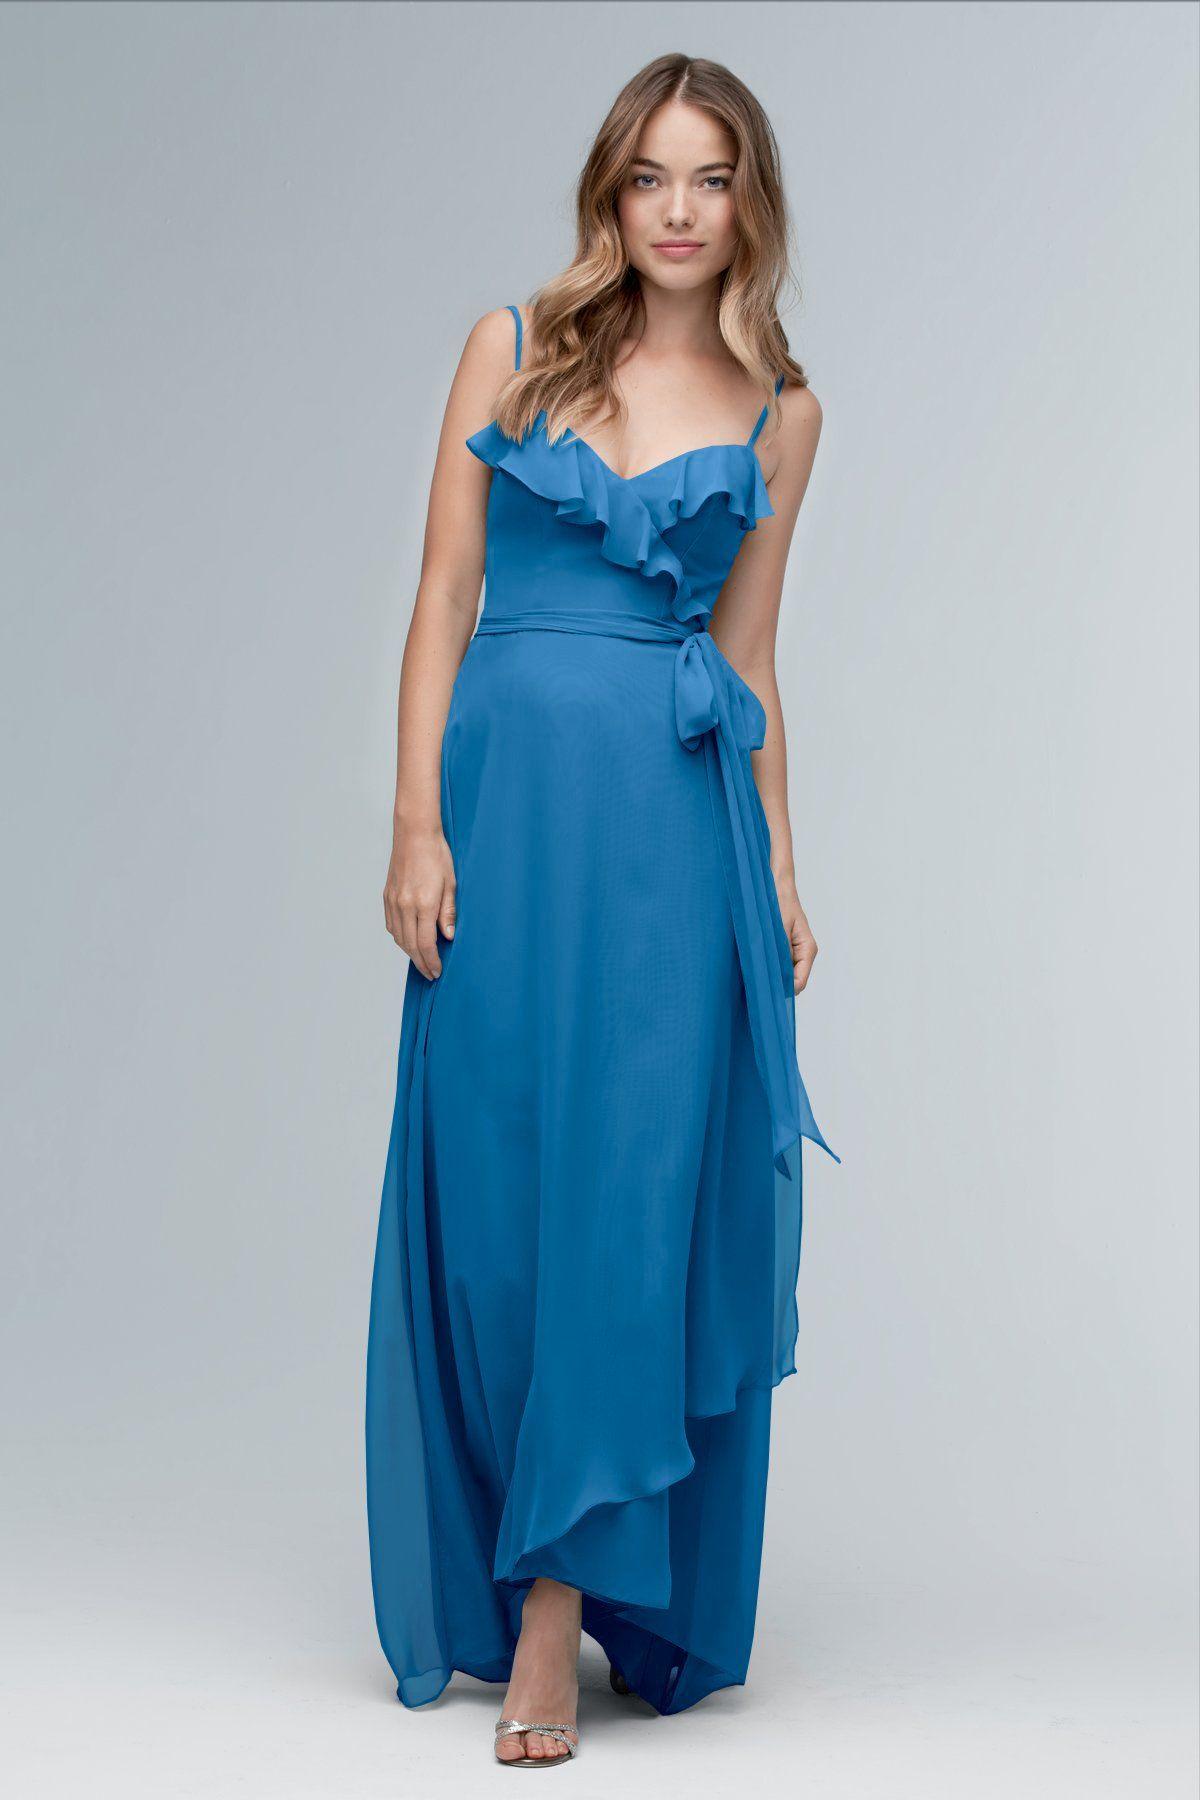 Tolle Tiffany Blau Brautjunferkleider Hochzeit Bilder - Hochzeit ...